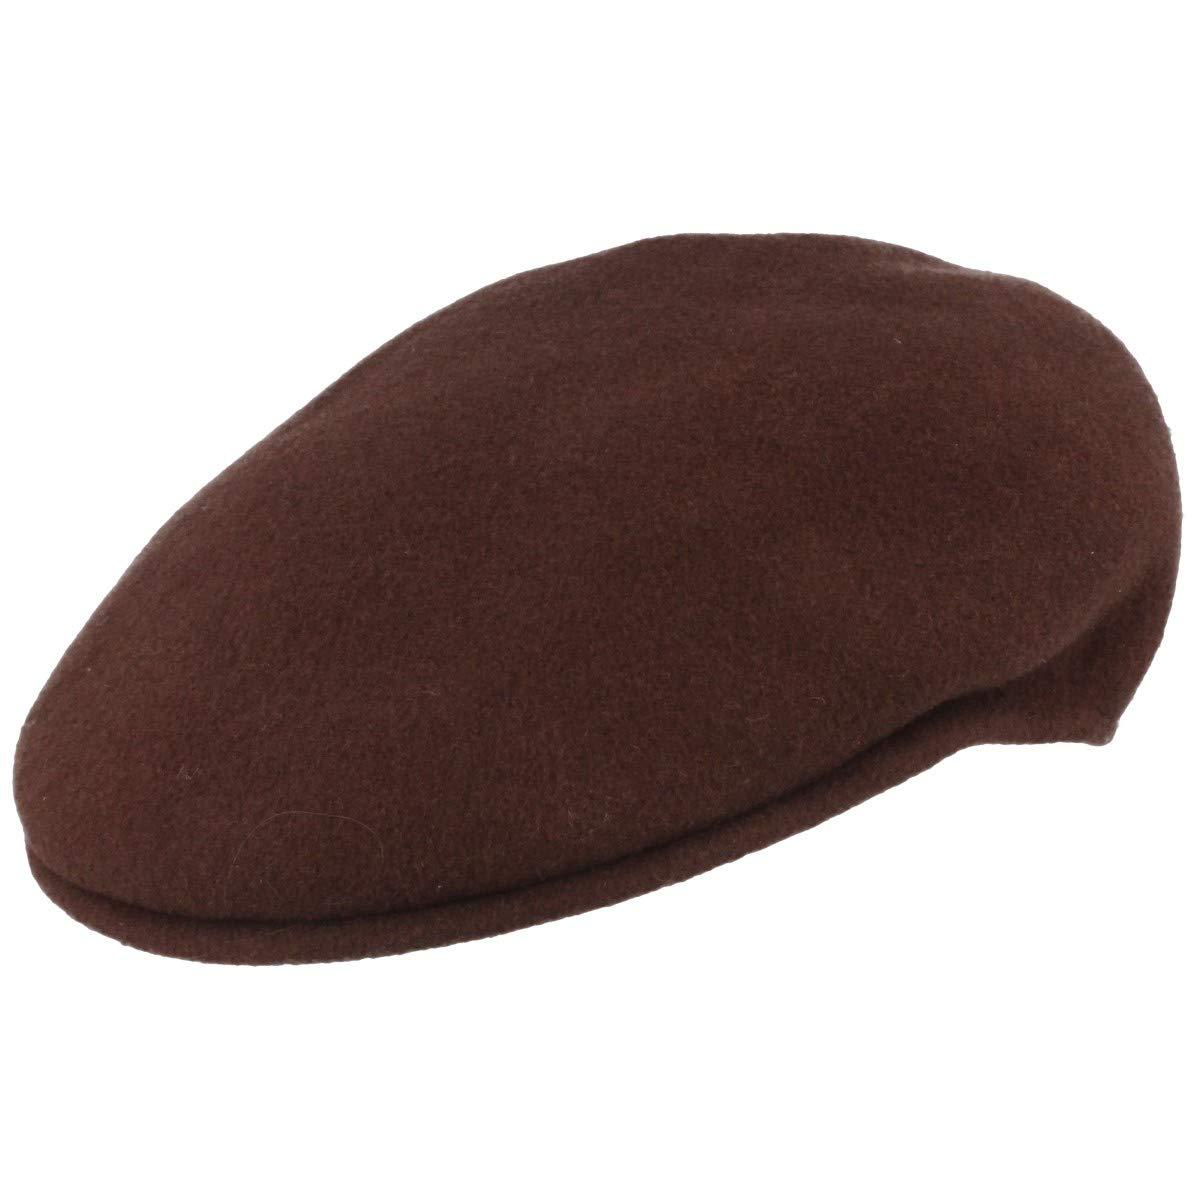 Kangol Pepe 504 Cappello Piatto Berretto Cappellino da Uomo